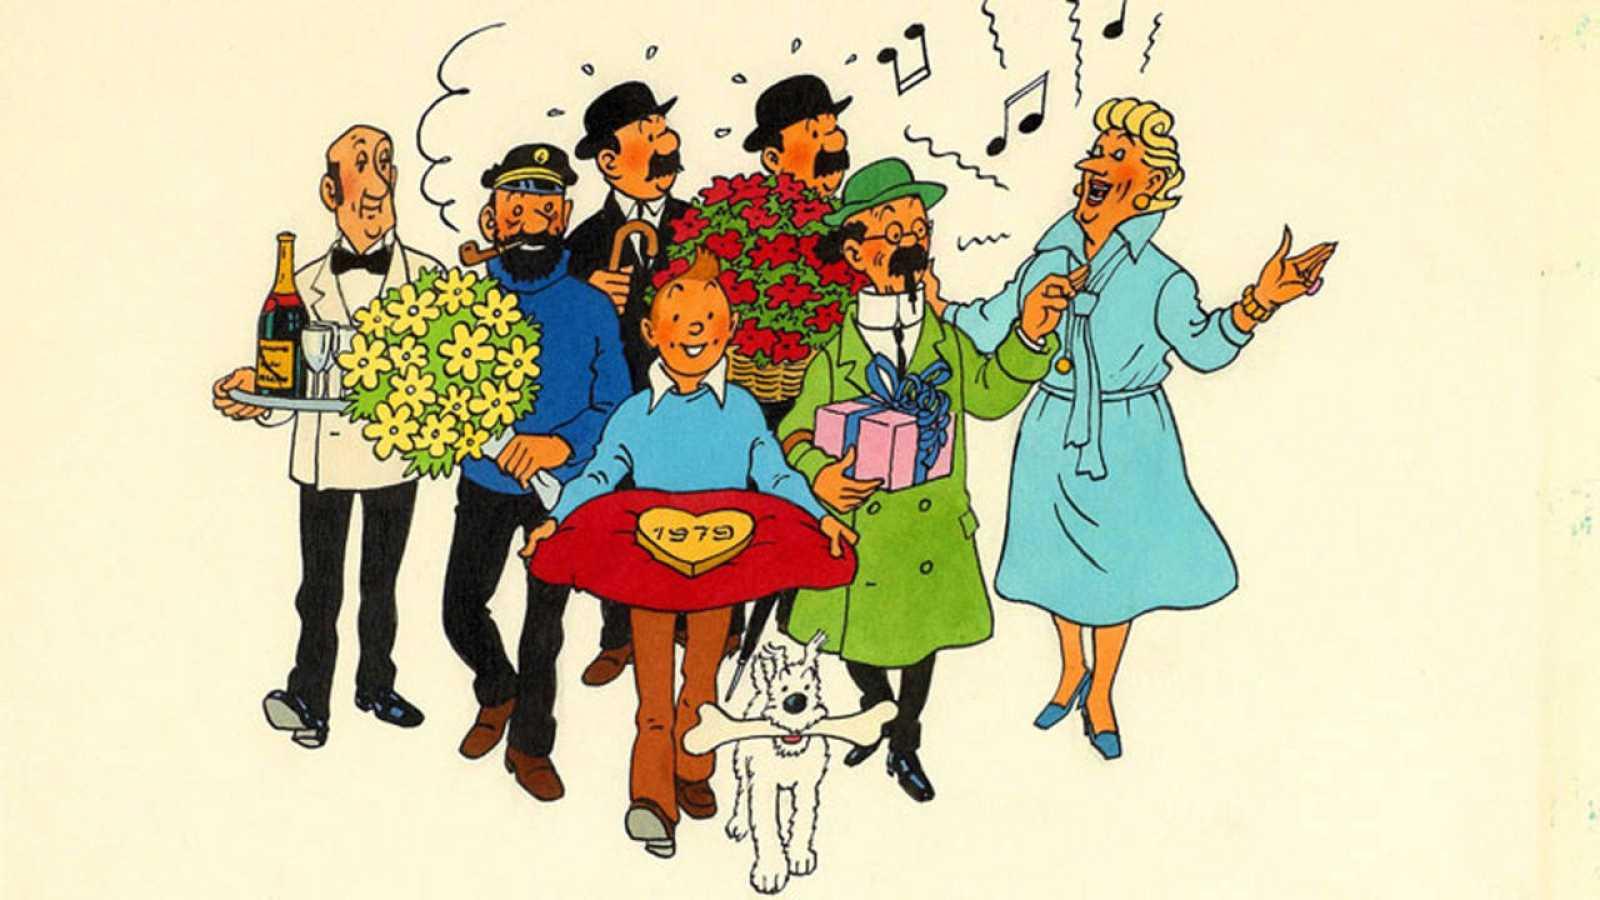 Ilustración e Tintin, facilitada por Herge/Moulinsart